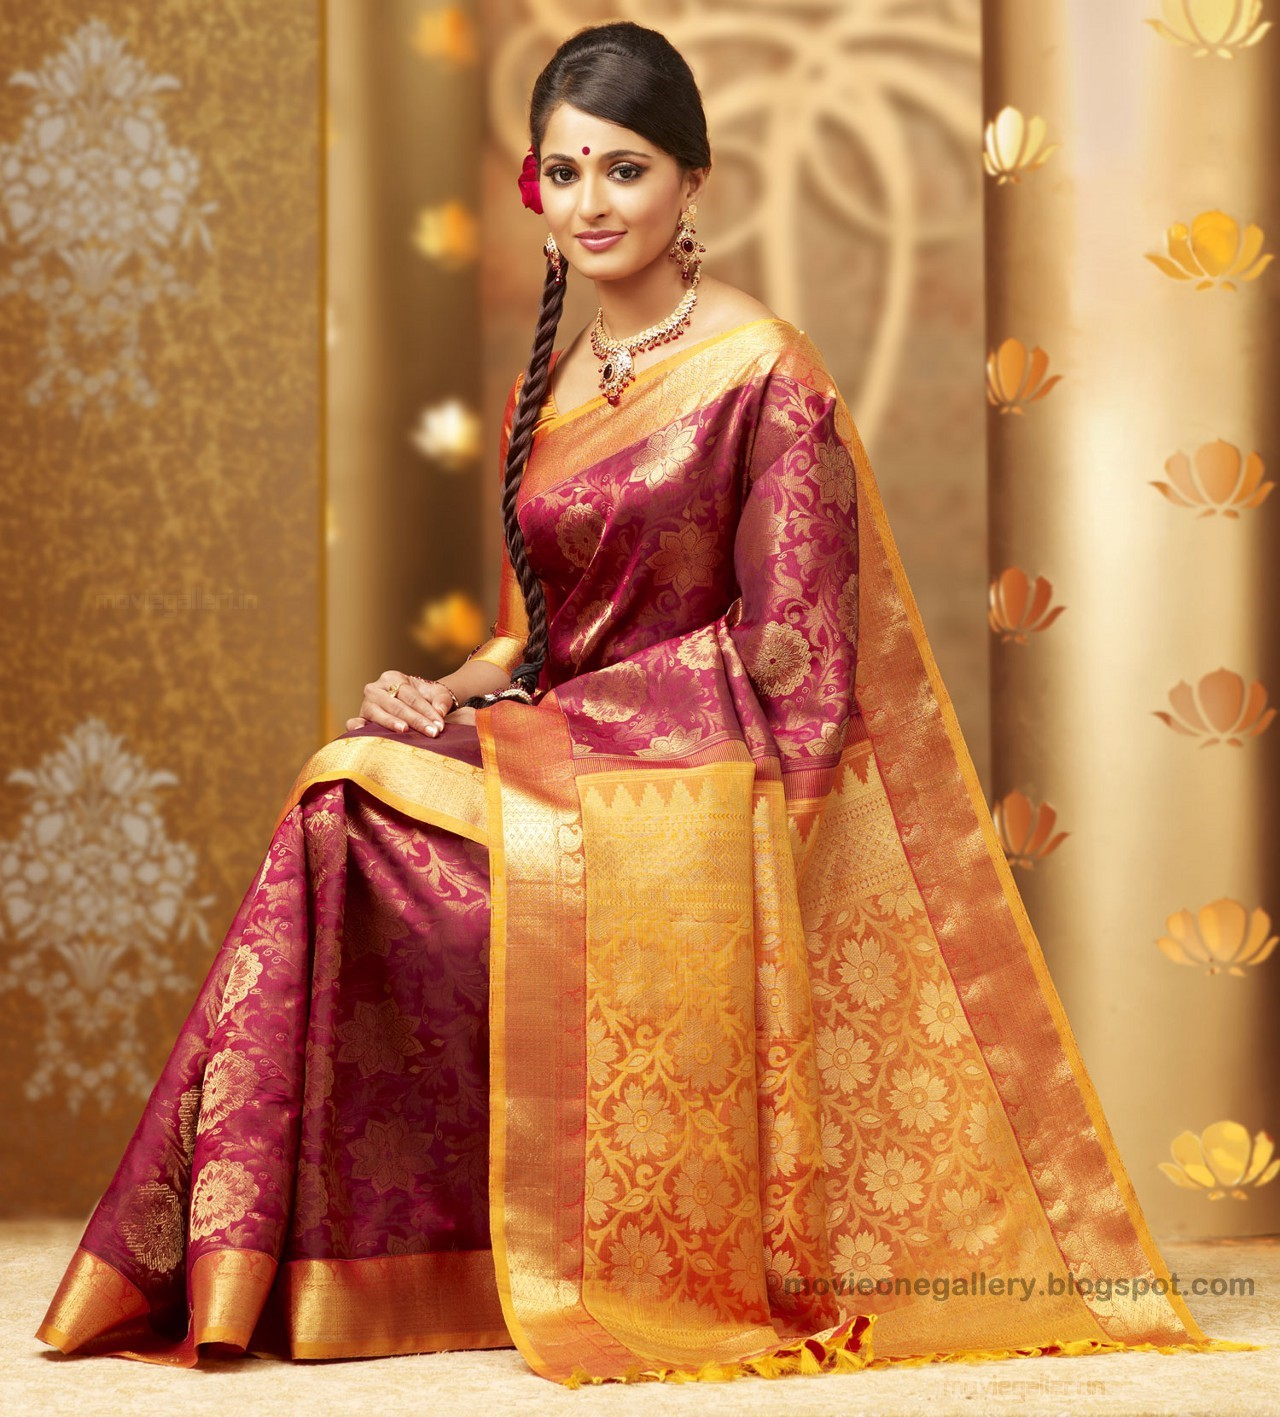 Anushka Shetty Chennai Silks Photos, Anushka In Silk Saree